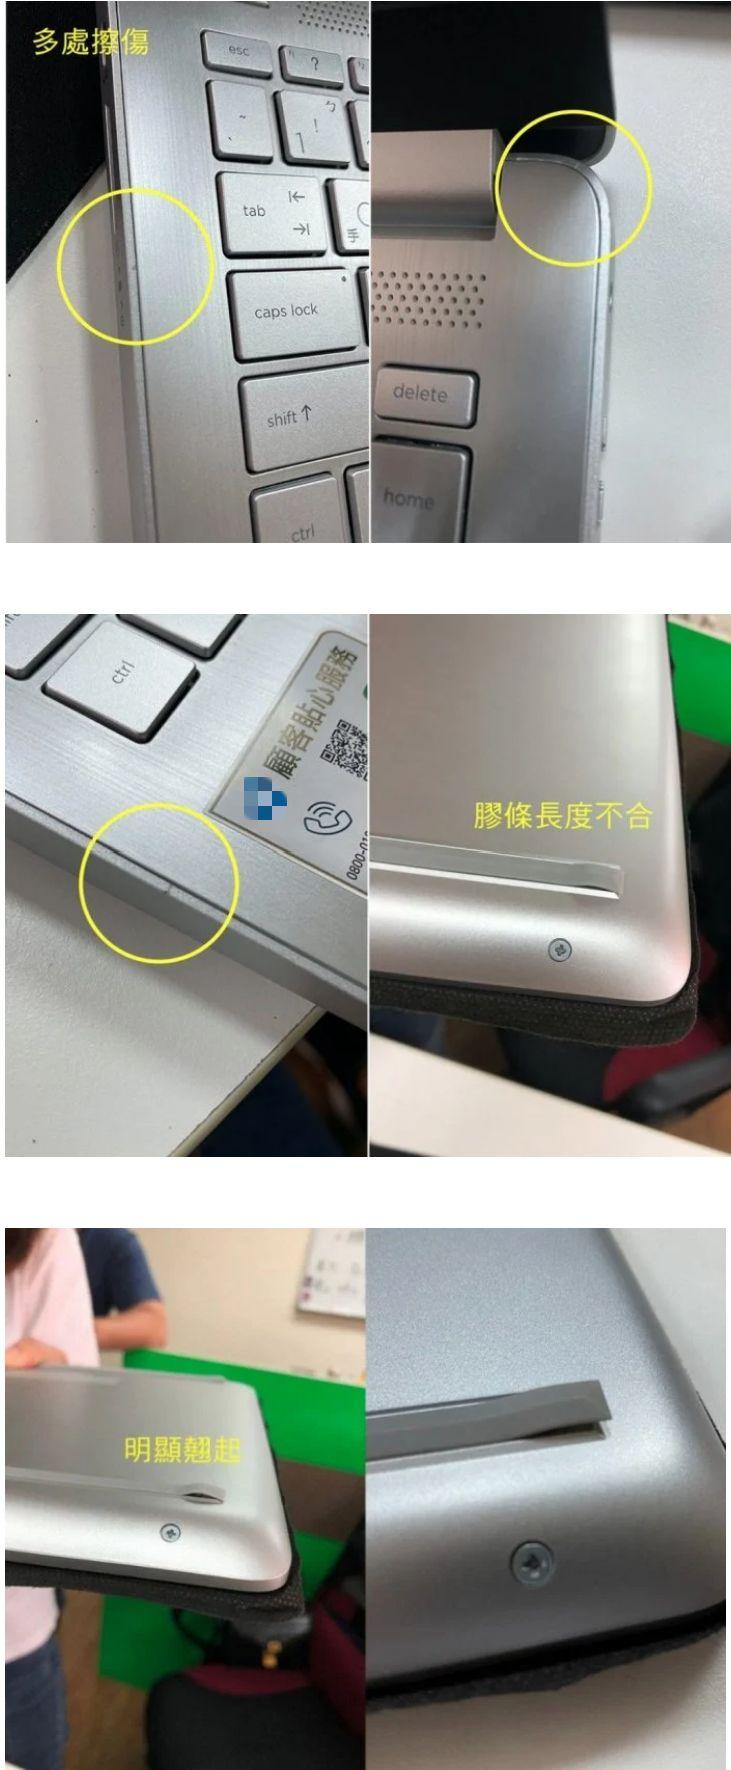 ▲原PO指出,筆電本身也有擦傷,除了底部的膠條一邊翹翹的,其中一邊長度甚至不合凹槽。(圖/翻攝自